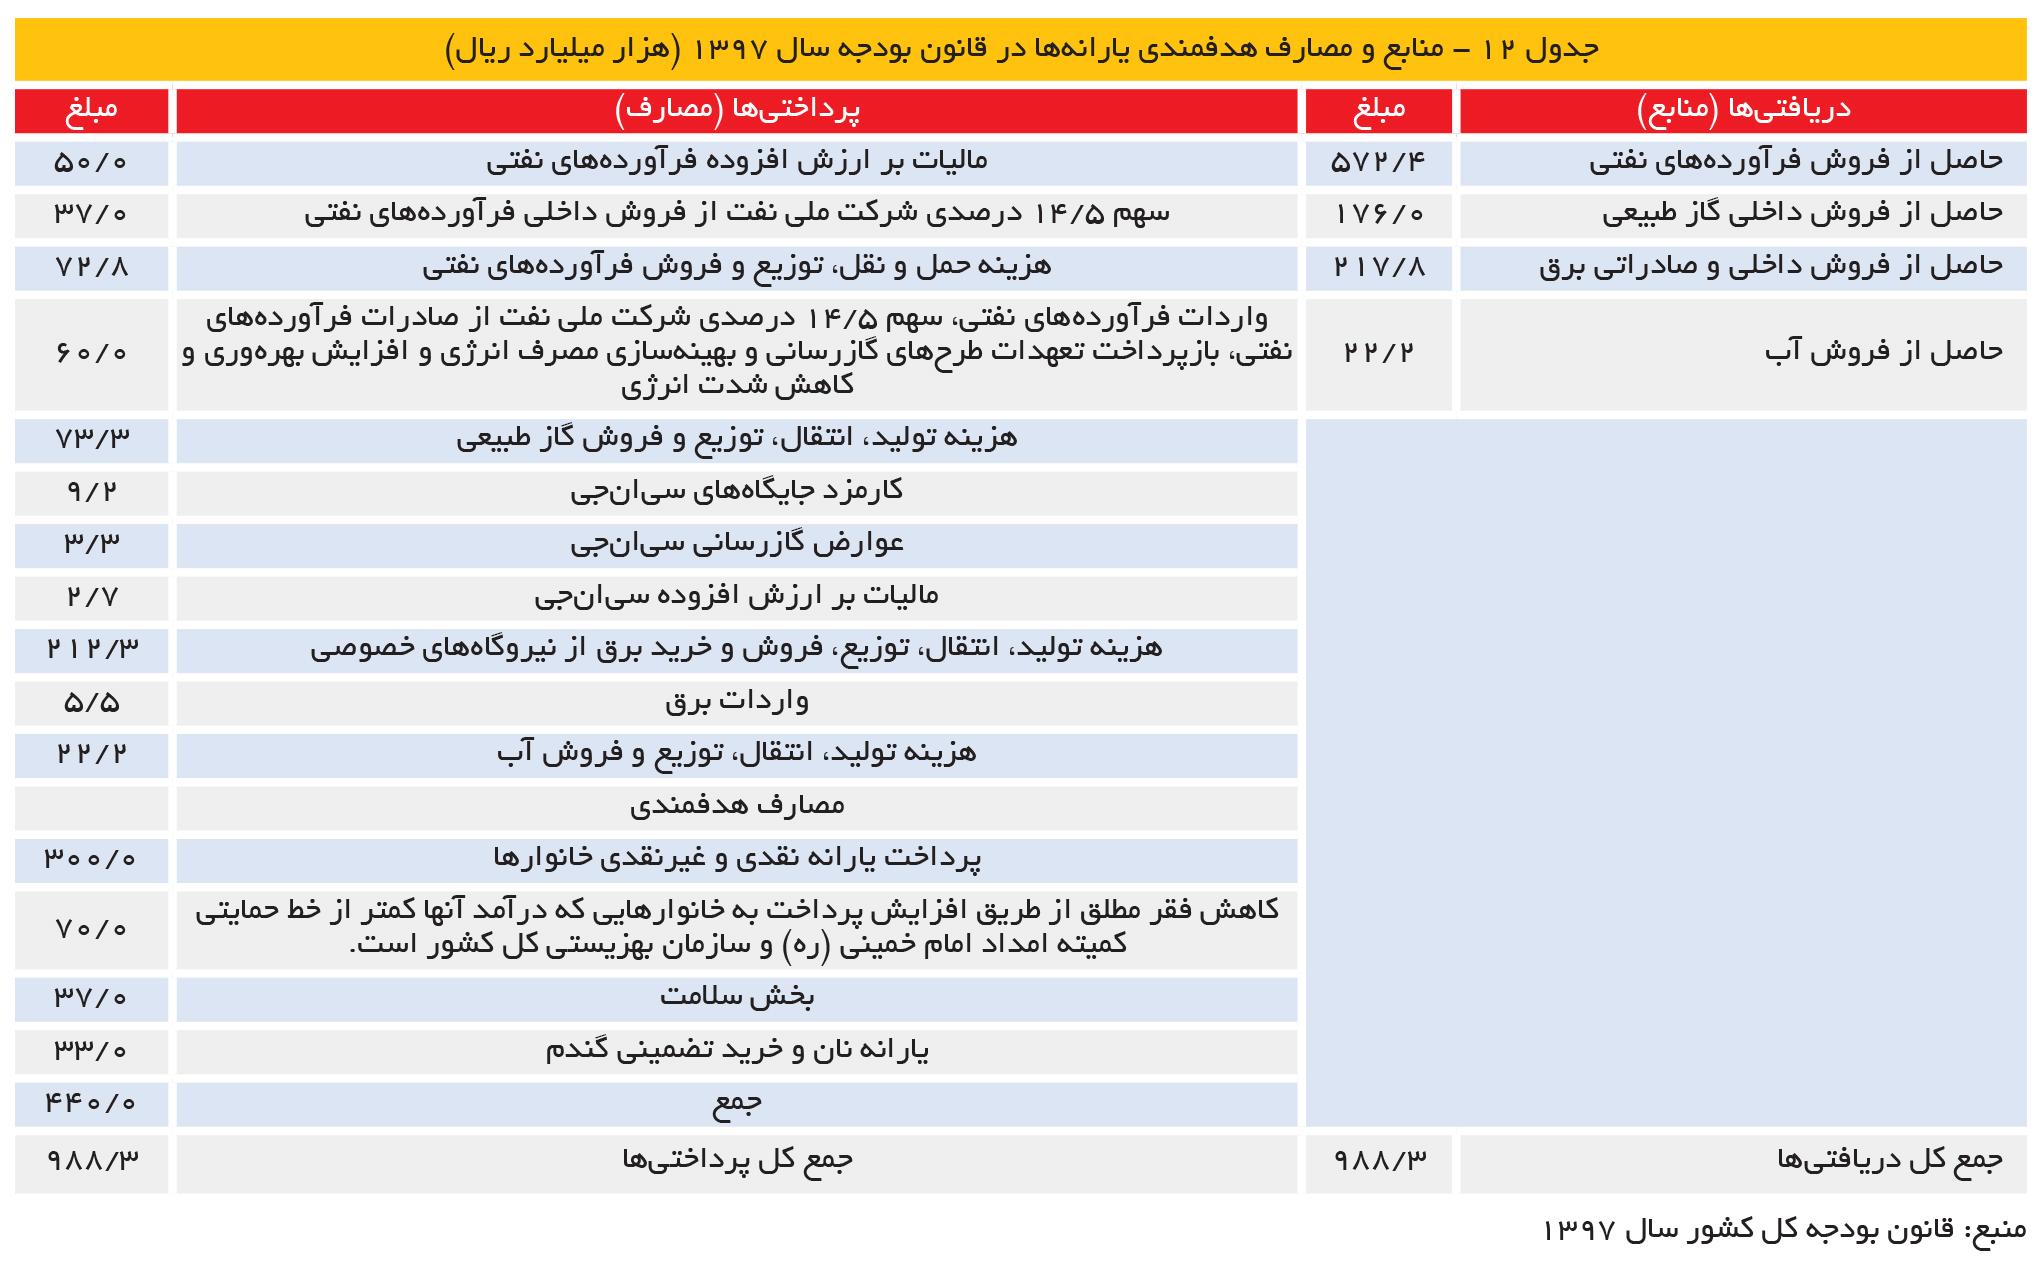 تجارت فردا- جدول 12 - منابع و مصارف هدفمندی یارانهها در قانون بودجه سال ۱۳۹۷ (هزار میلیارد ریال)